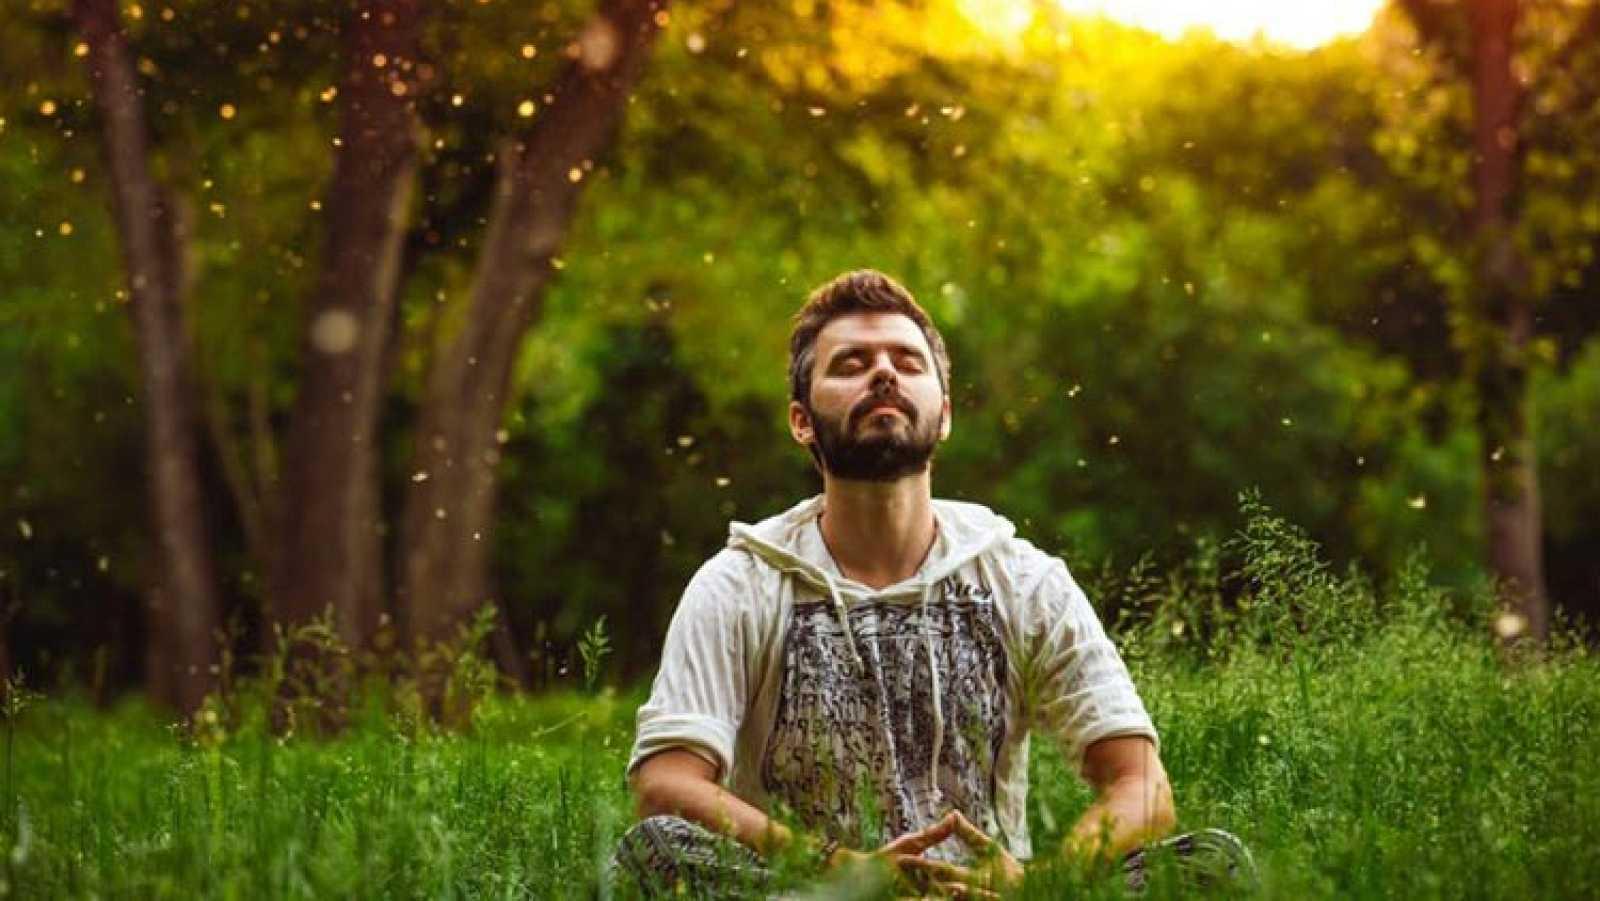 Vida verde - Árboles y comunidades sostenibles - 14/09/19 - Escuchar ahora